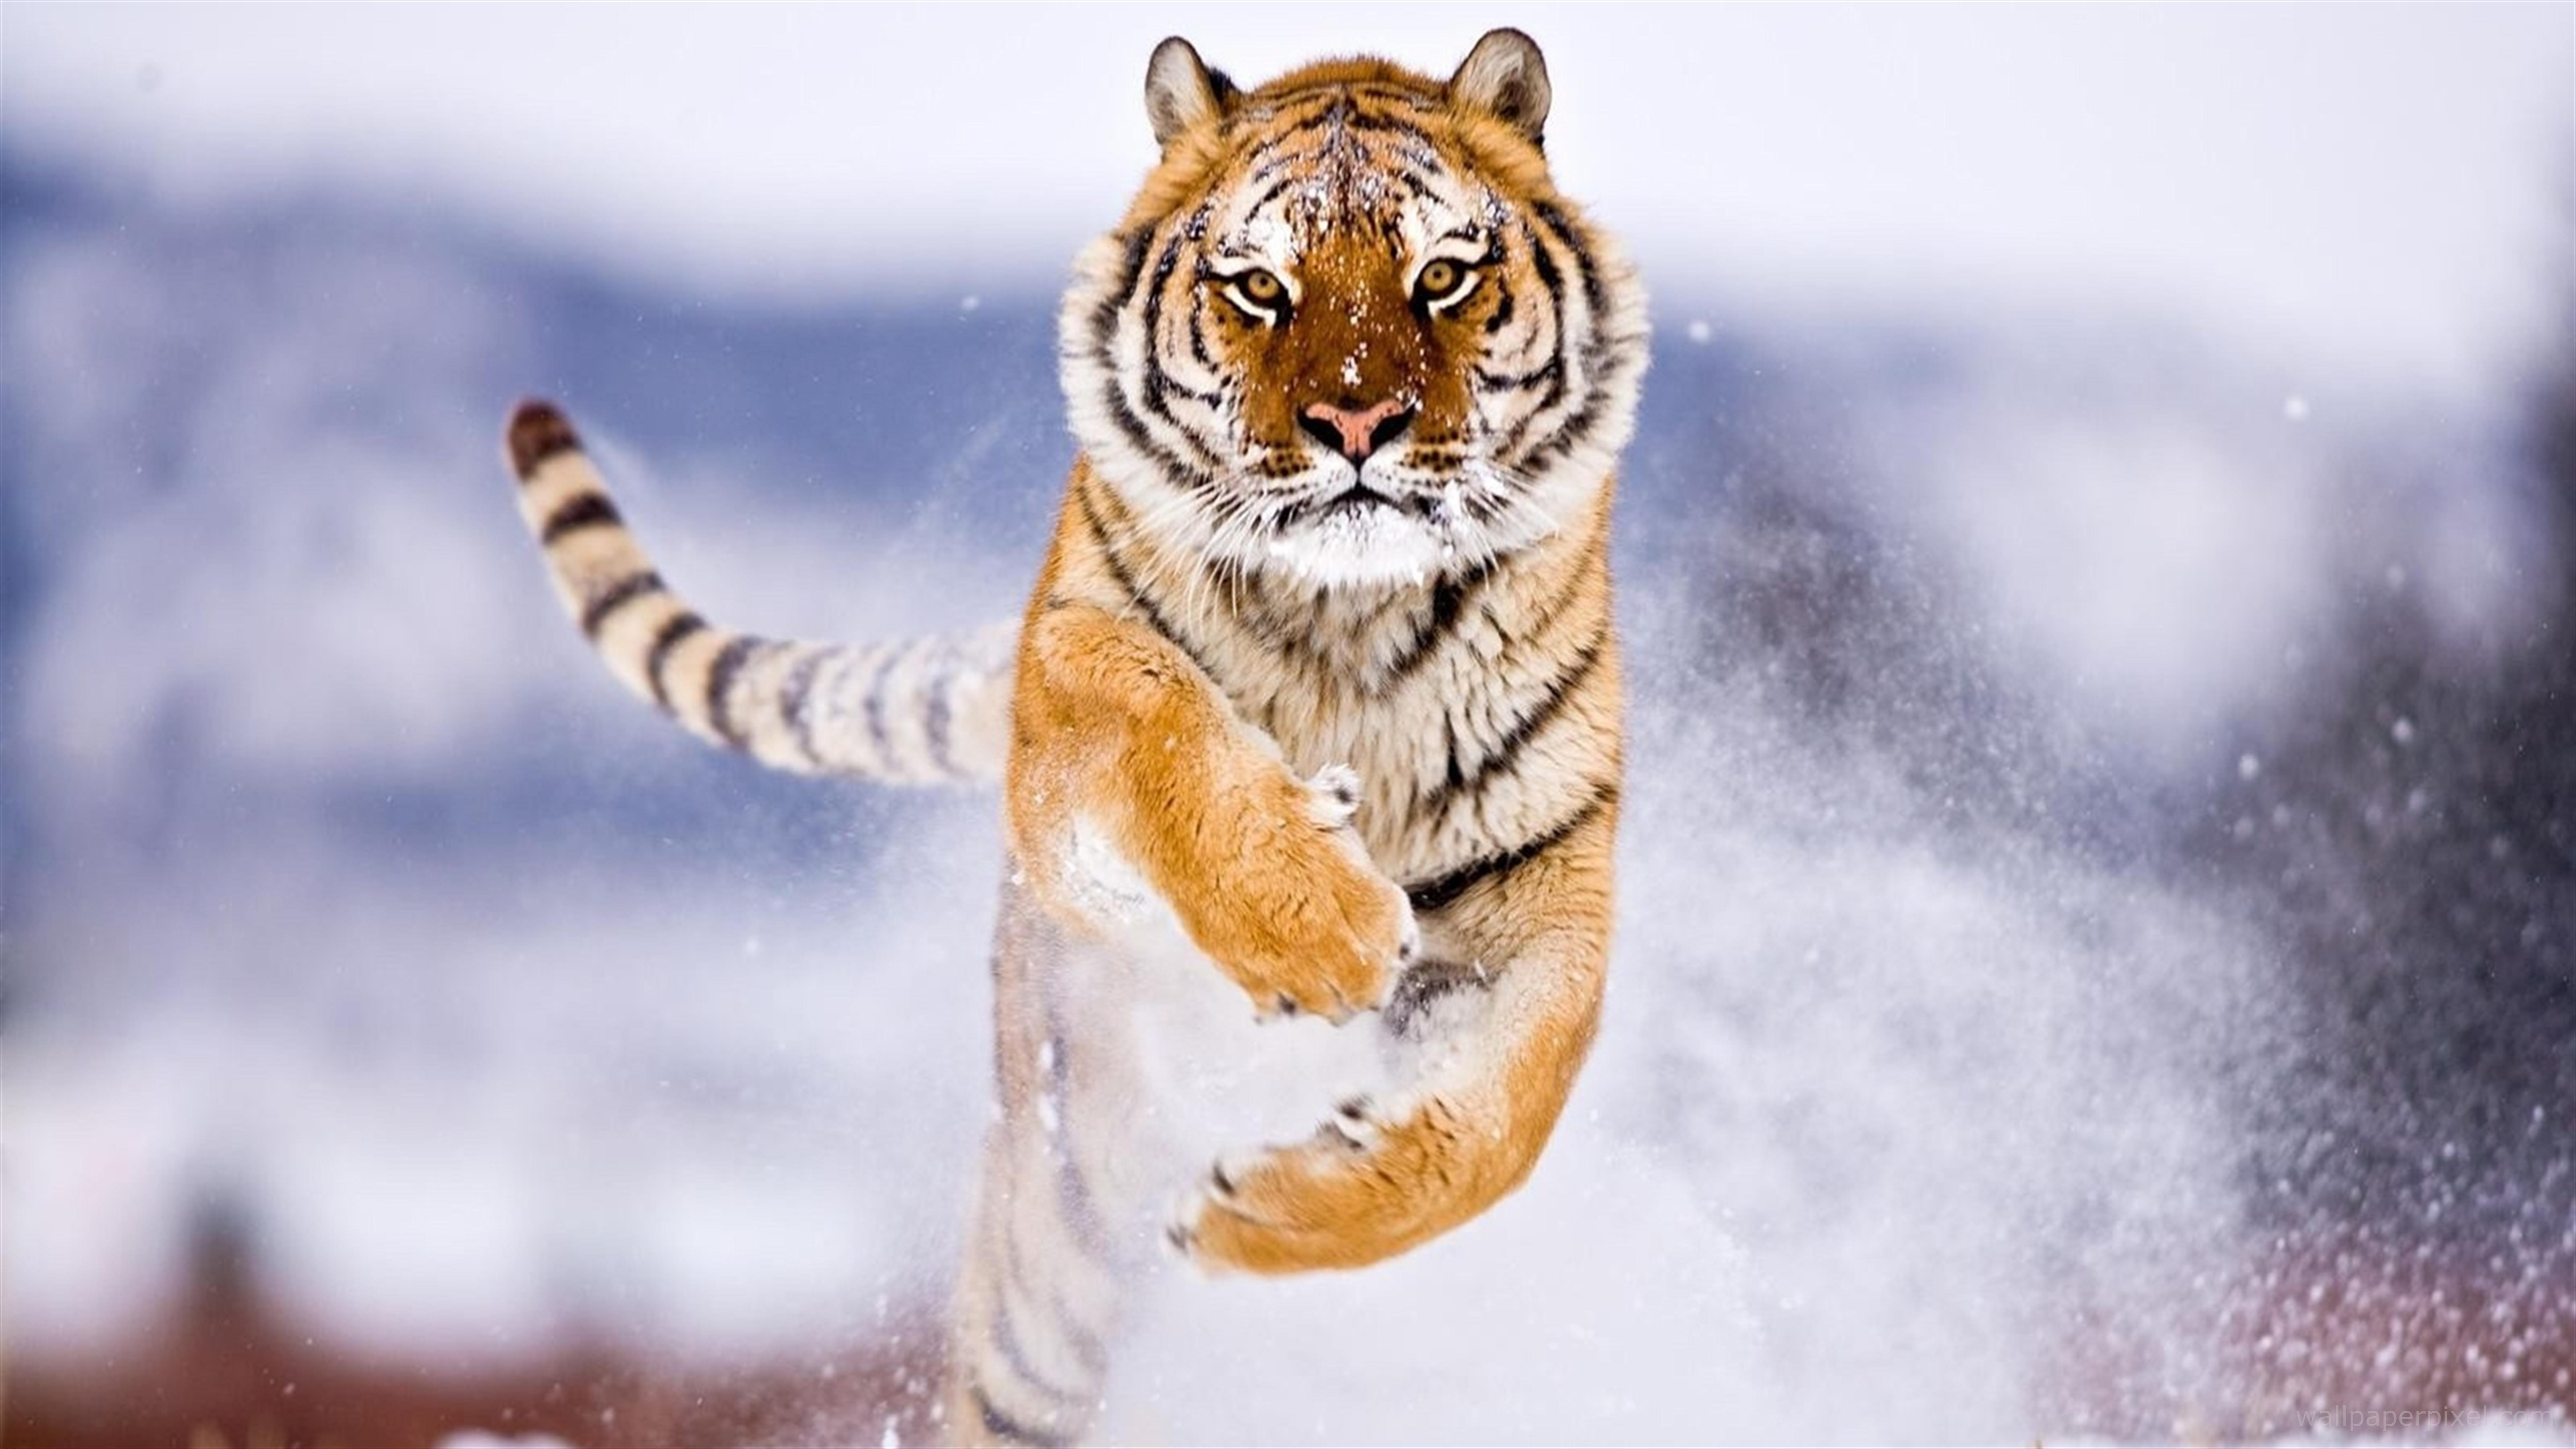 Bài văn 'Yêu phải chọn đẹp trai, nhà giàu' 4k-image-tiger-jumping